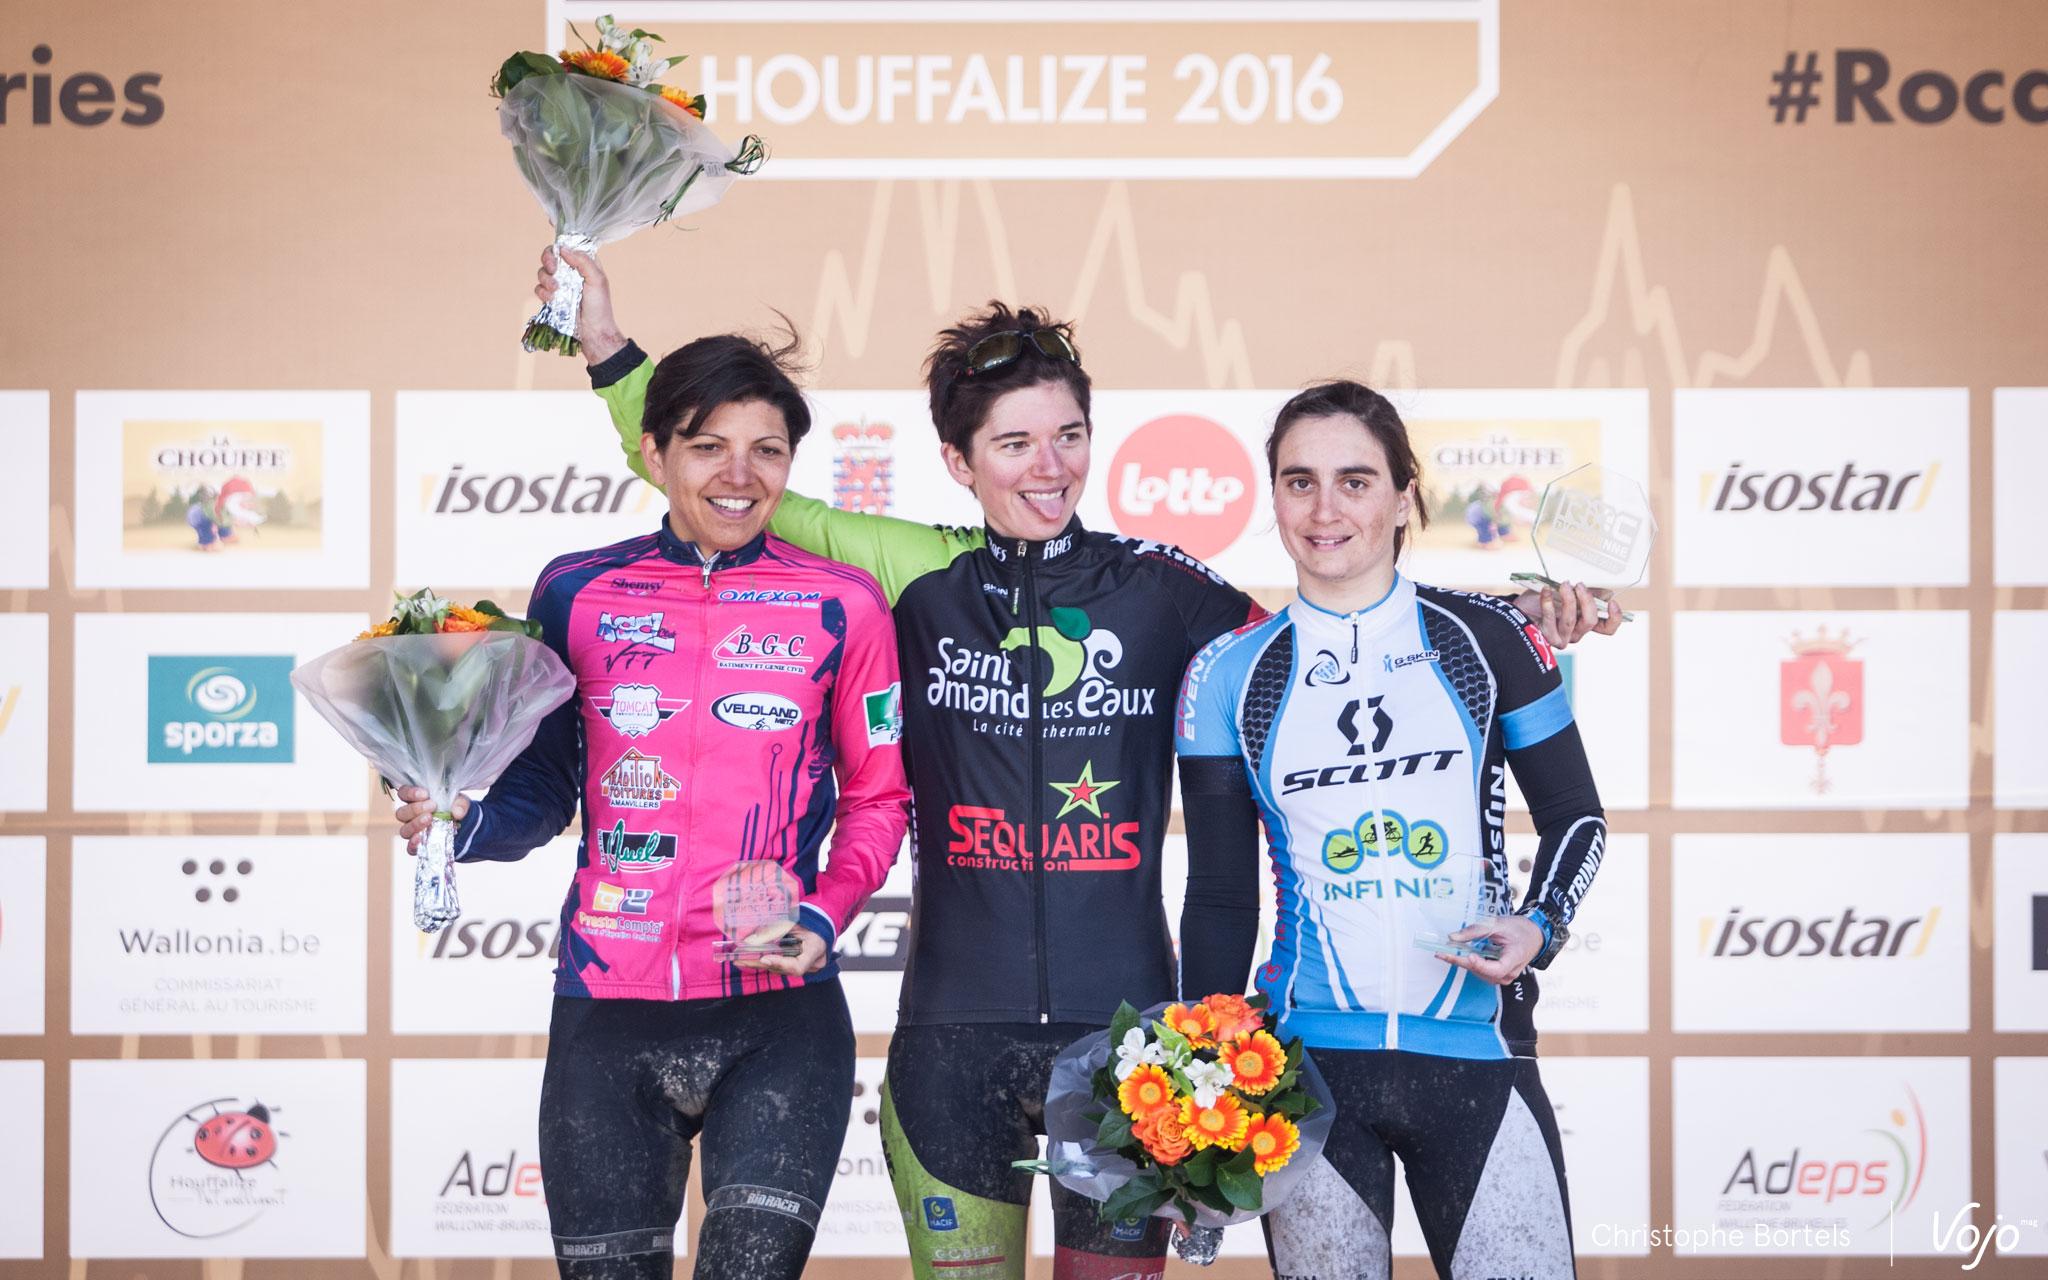 roc-dardenne-2016-podium-women